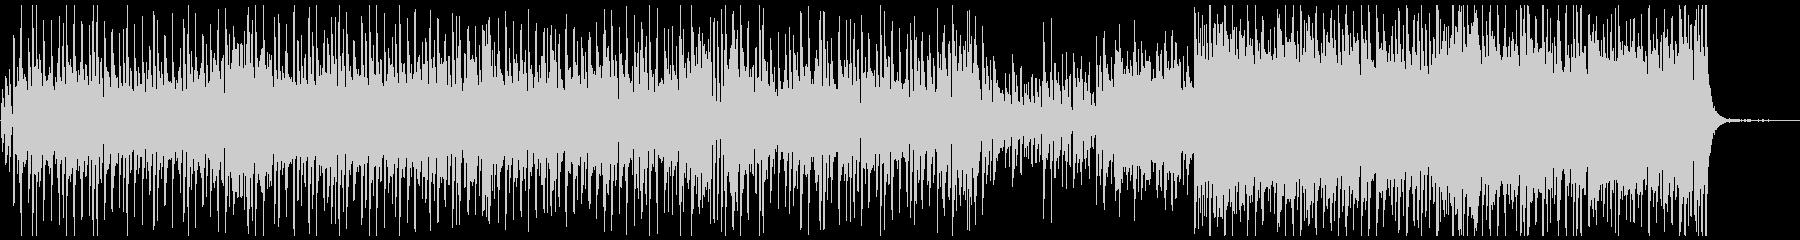 ほのぼのピアノメロ曲の未再生の波形